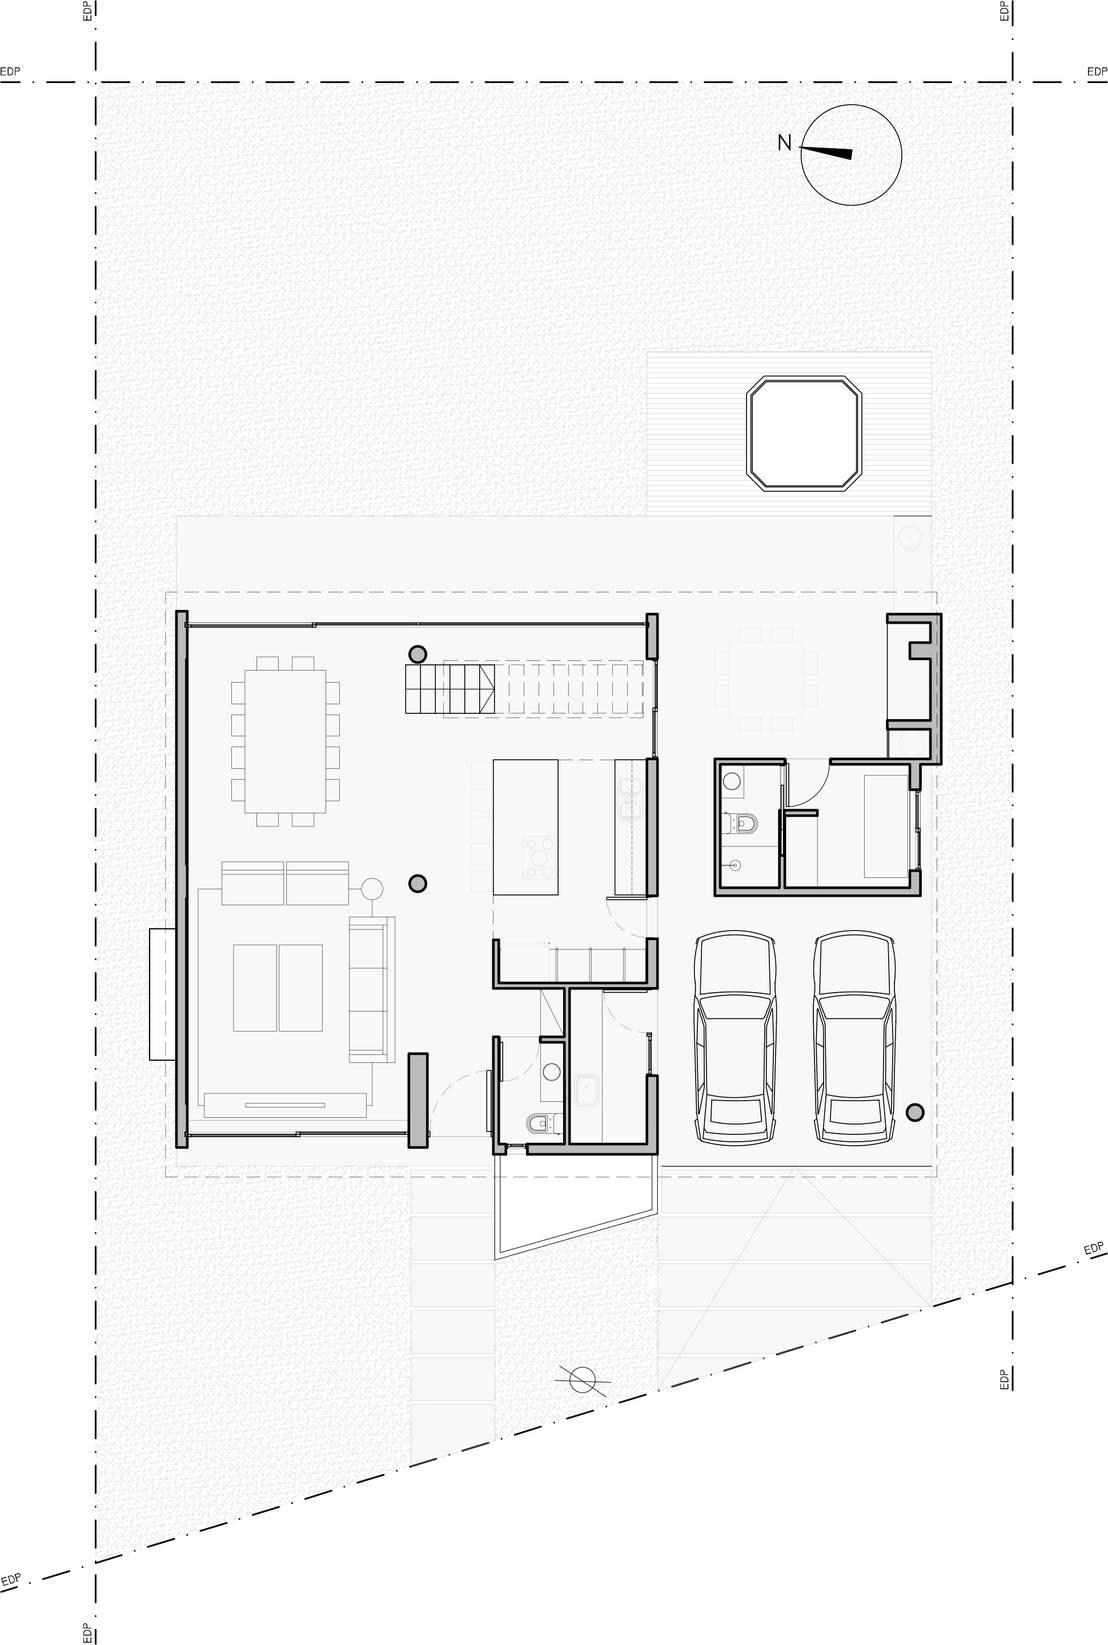 5 casas modernas con los planos para que saques ideas - Casas planta baja ...